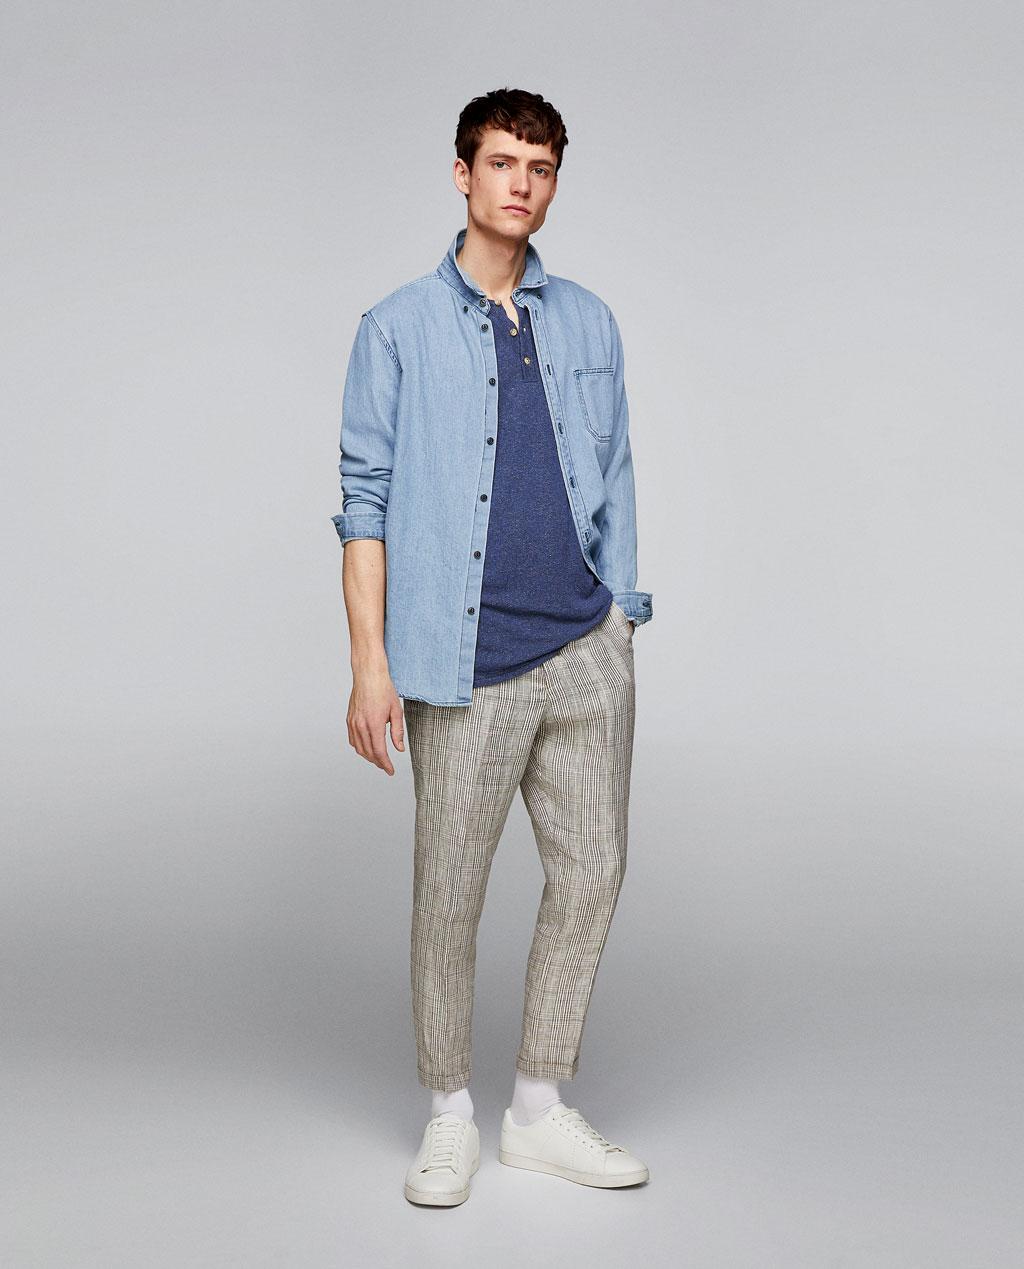 Thời trang nam Zara  24003 - ảnh 3